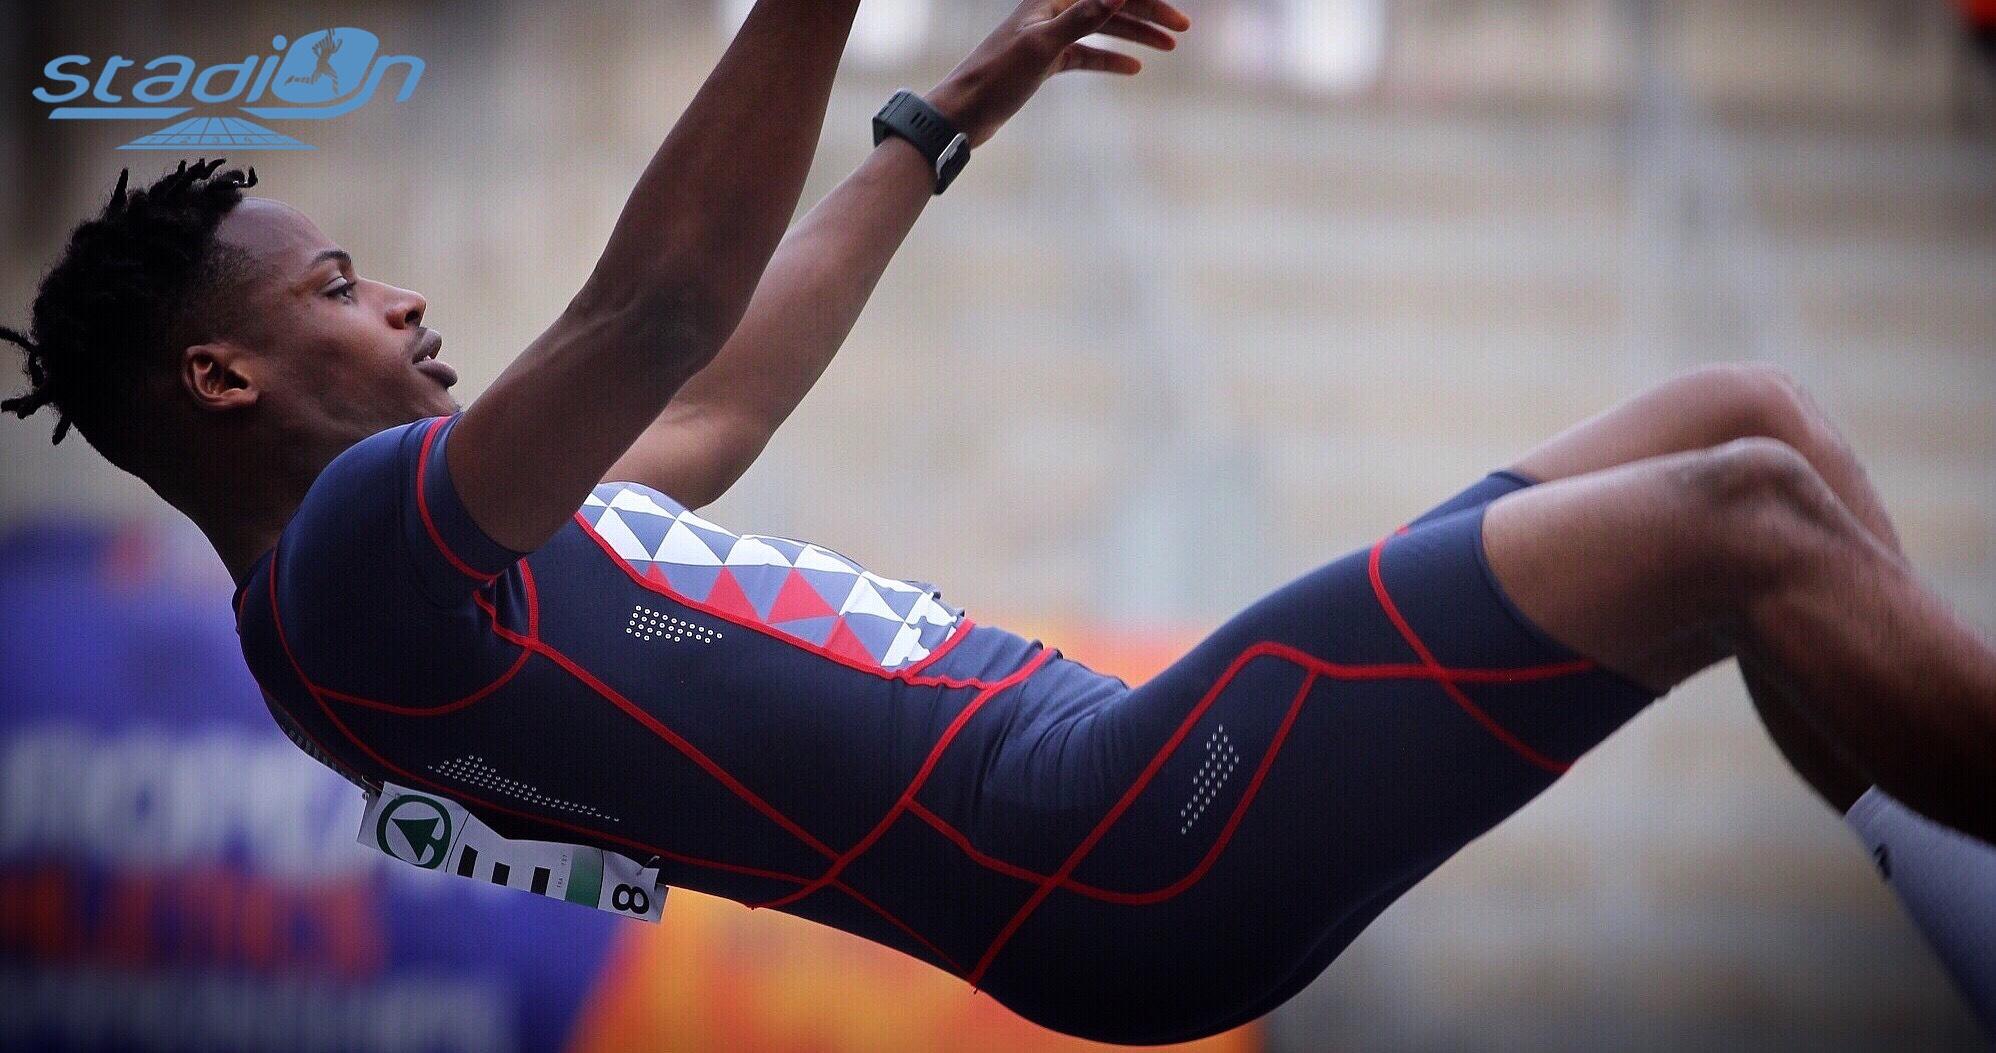 Orléans Perche Elite Tour : Alioune Sene s'élève à 5,72 m